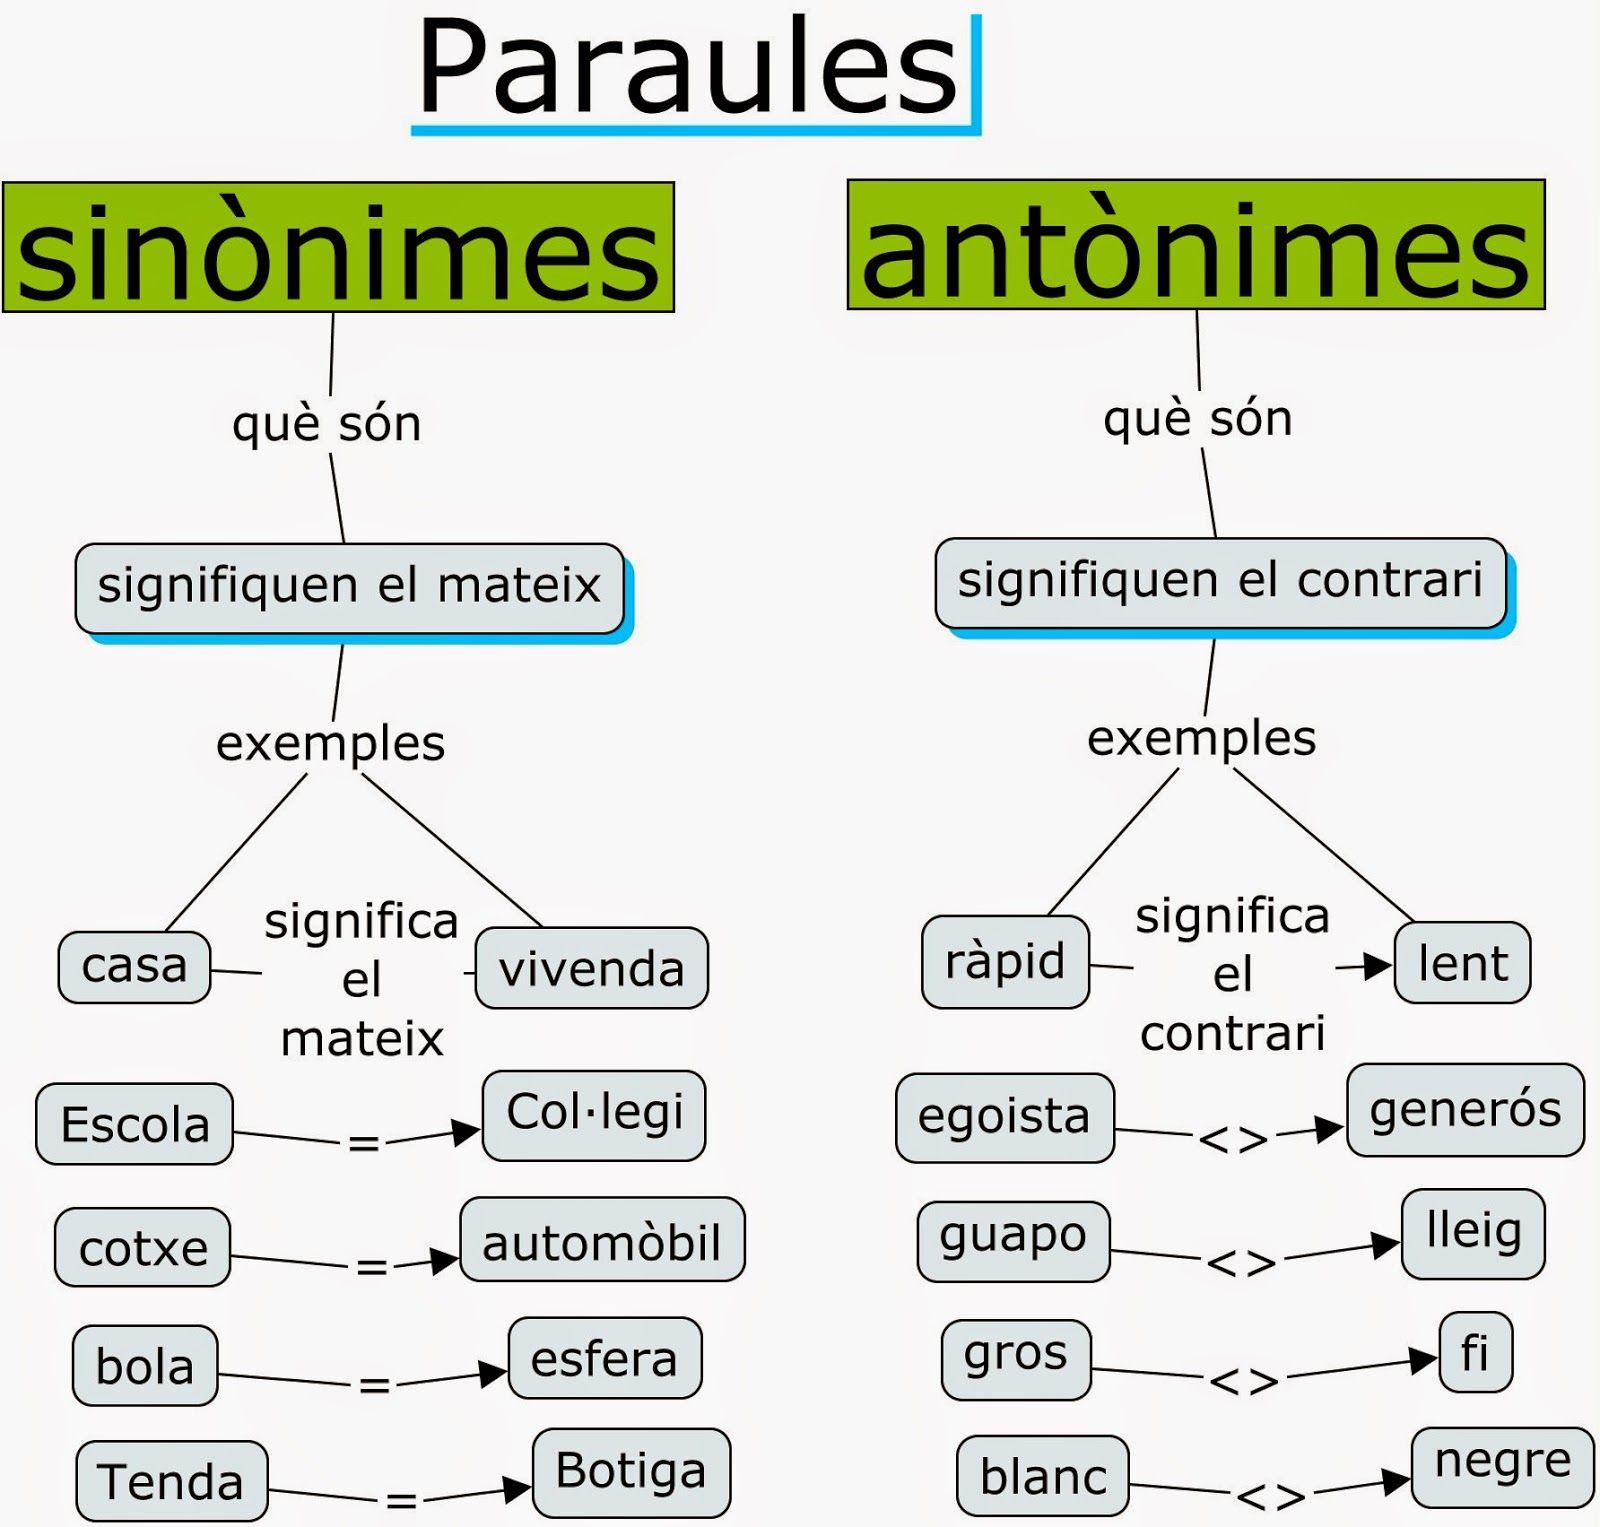 Sinònims i antònims   Ortografia catalana, Lengua catalana ...